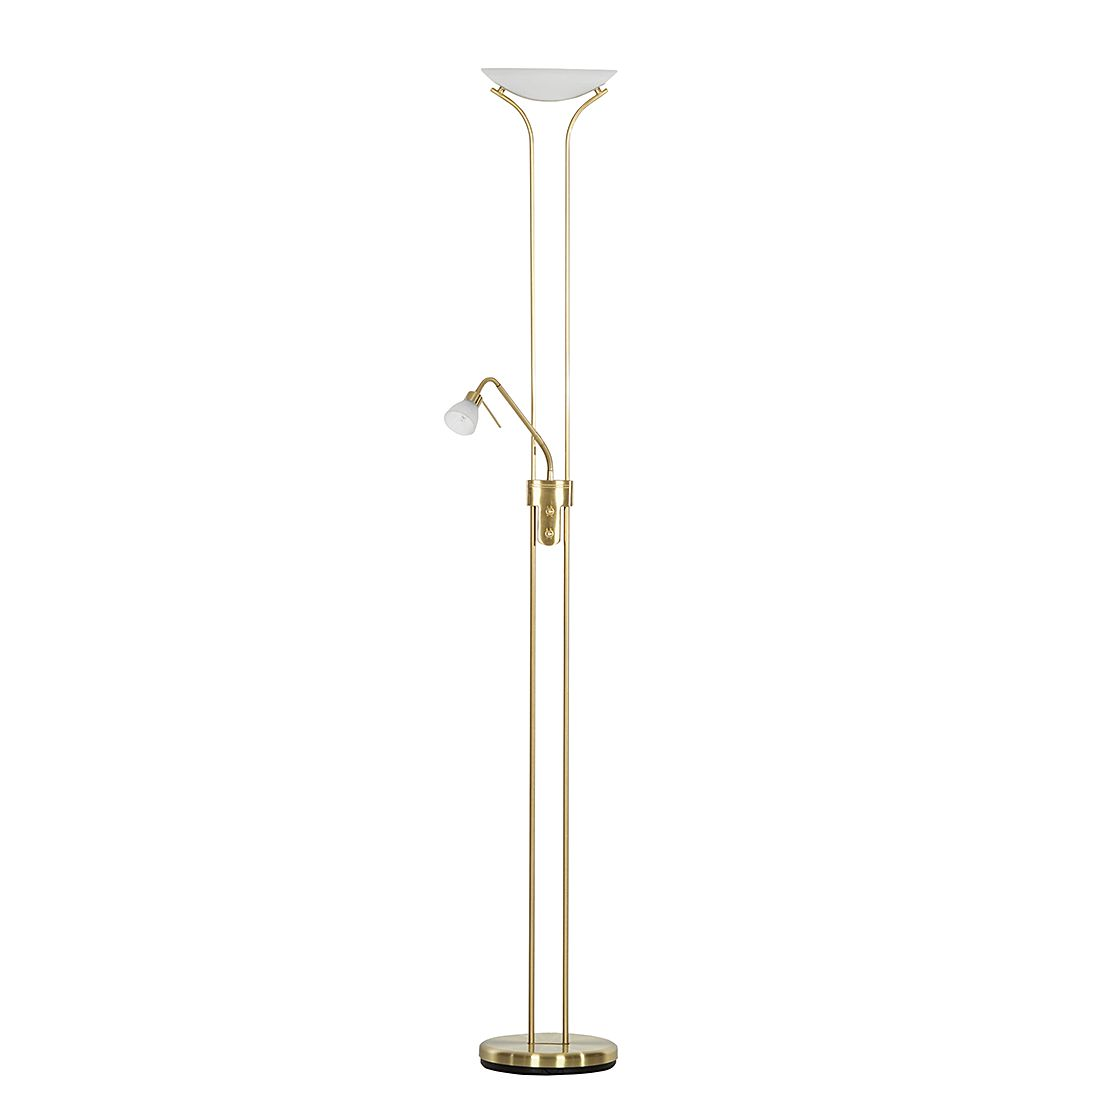 Deckenfluter Tengo | Lampen > Stehlampen > Deckenfluter | Weiss | Glas - Metall | Trio